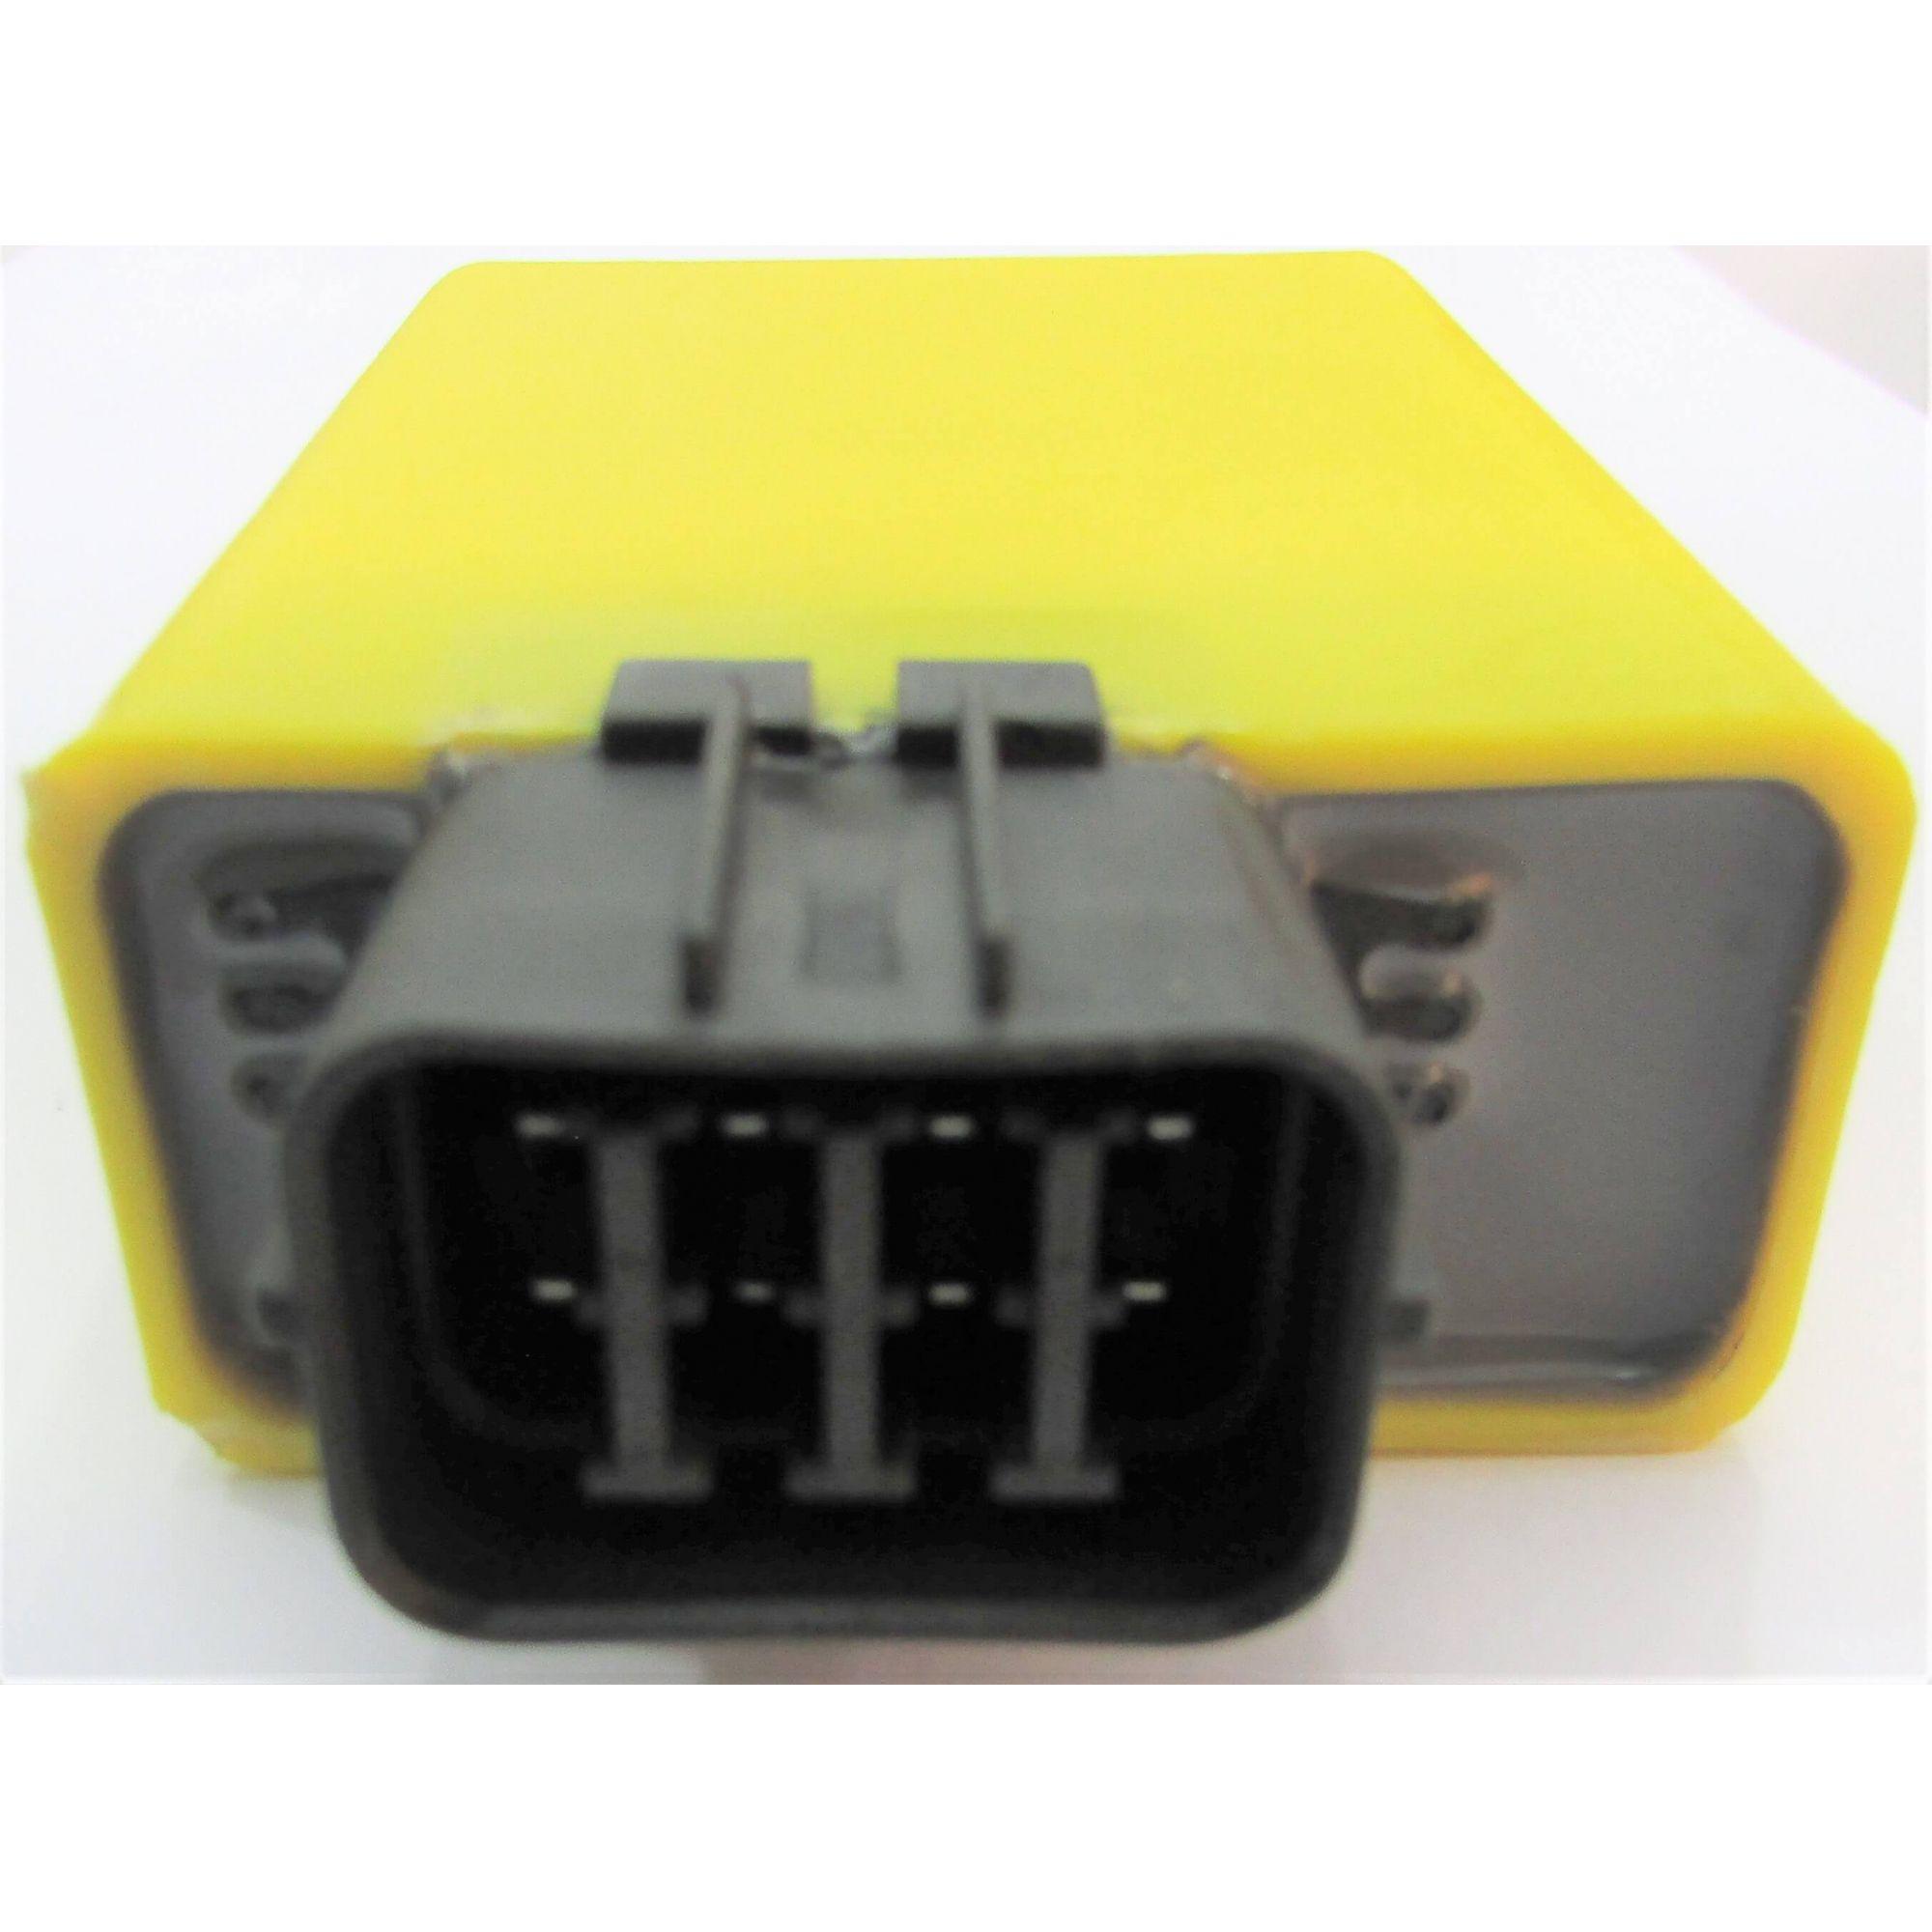 Central da Ignição CDI Modelo Racing Honda CBX 250 Twister c/ corte de giros 10800 Rpm